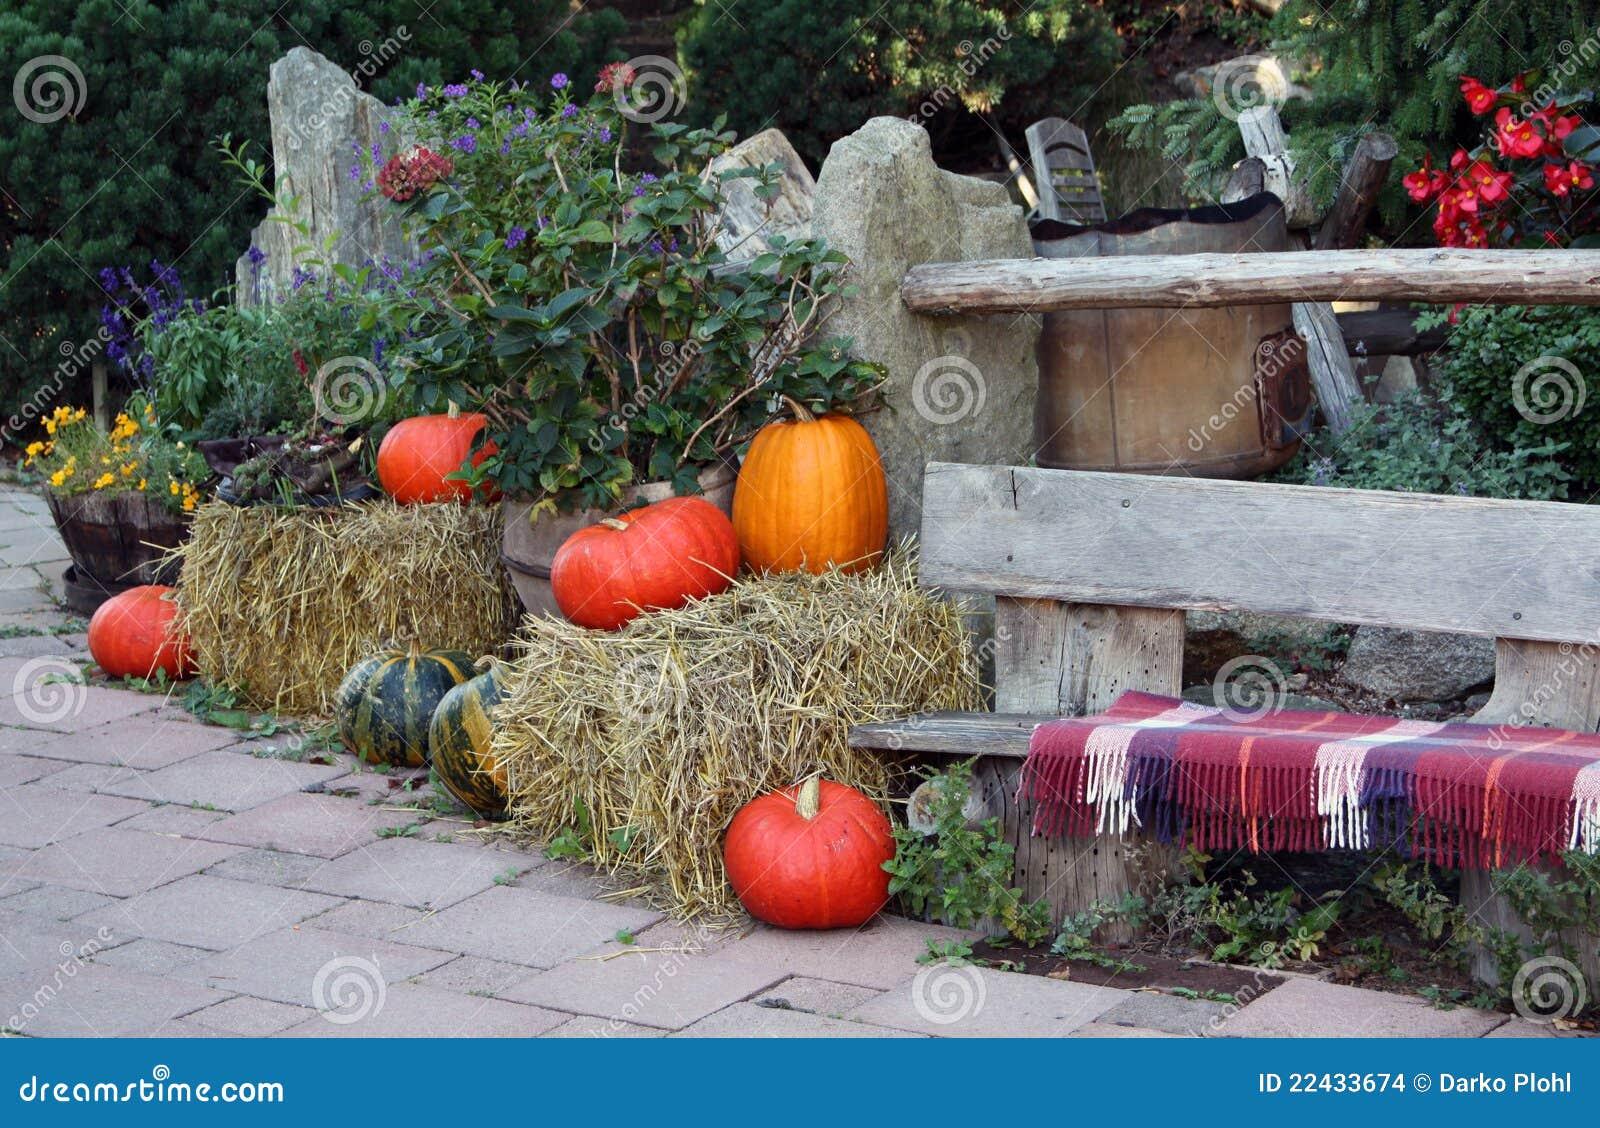 Autunno sul terrazzo del giardino ornamentale immagini - Piante terrazzo autunno ...